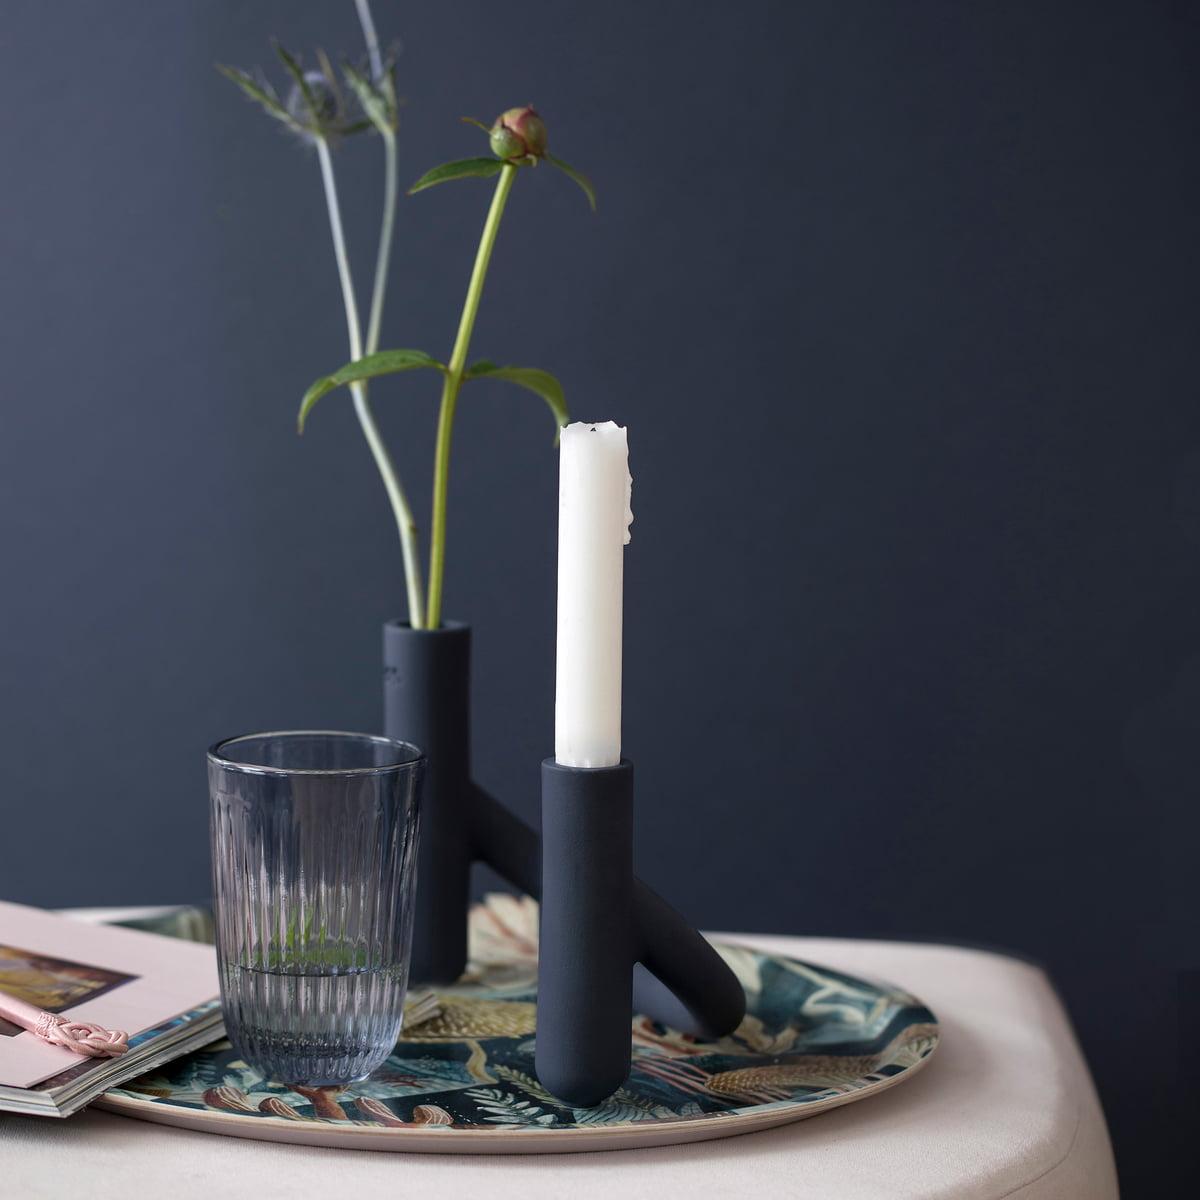 kähler design Nellemann candleholder | Kähler | Connox kähler design